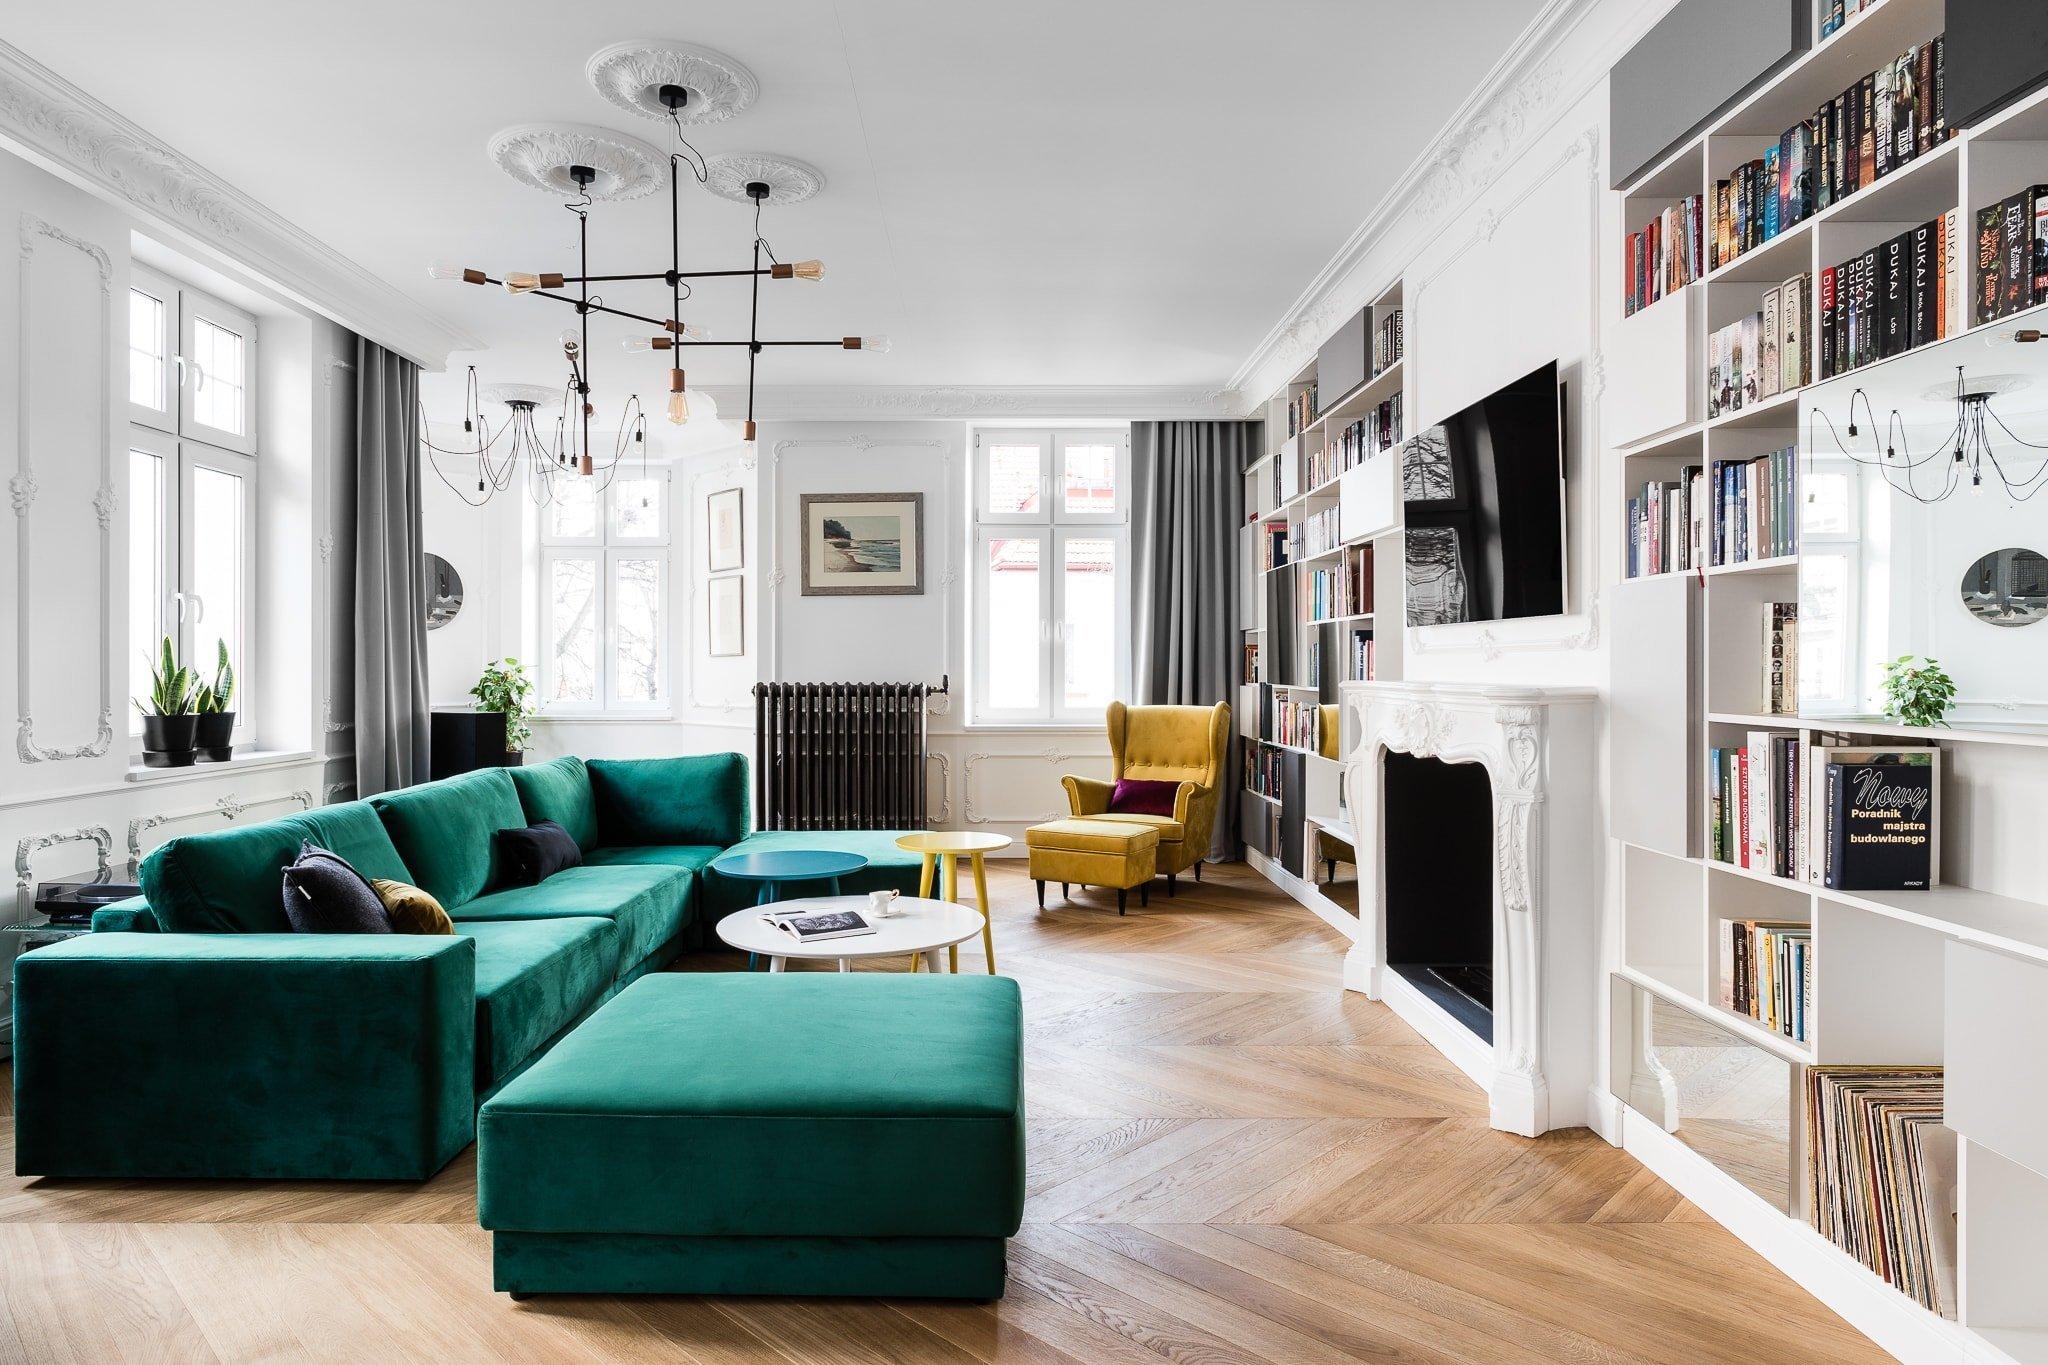 Tento elegantní byt v činžovním domě v Gdaňsku je skvělým příkladem toho, jak vkusně kombinovat různé styly a protikladné materiály. Užití dřevěných podlah společně s cihlovými obklady umně kontrastuje s bíle řešenou kuchyní a bílými zdmi na chodbě, které rozsvěcují moderní obrazy ve výrazných barvách.